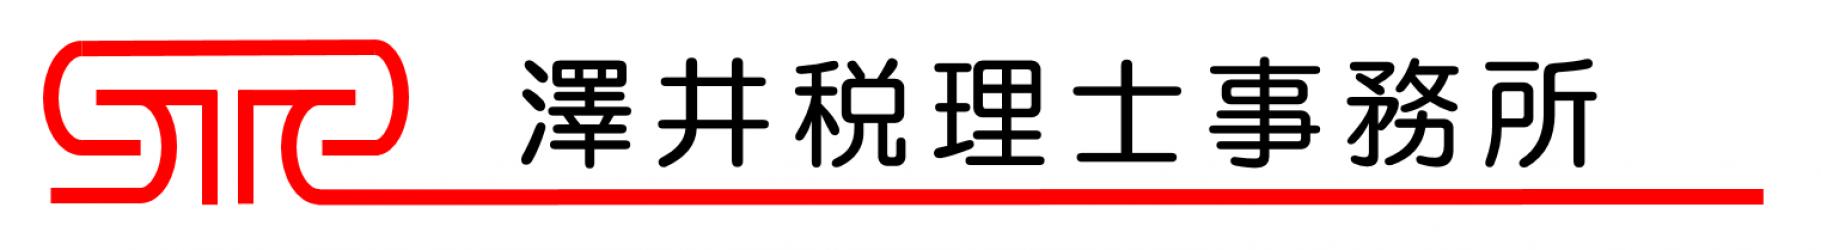 澤井税理士事務所・合同会社NSマネジメント